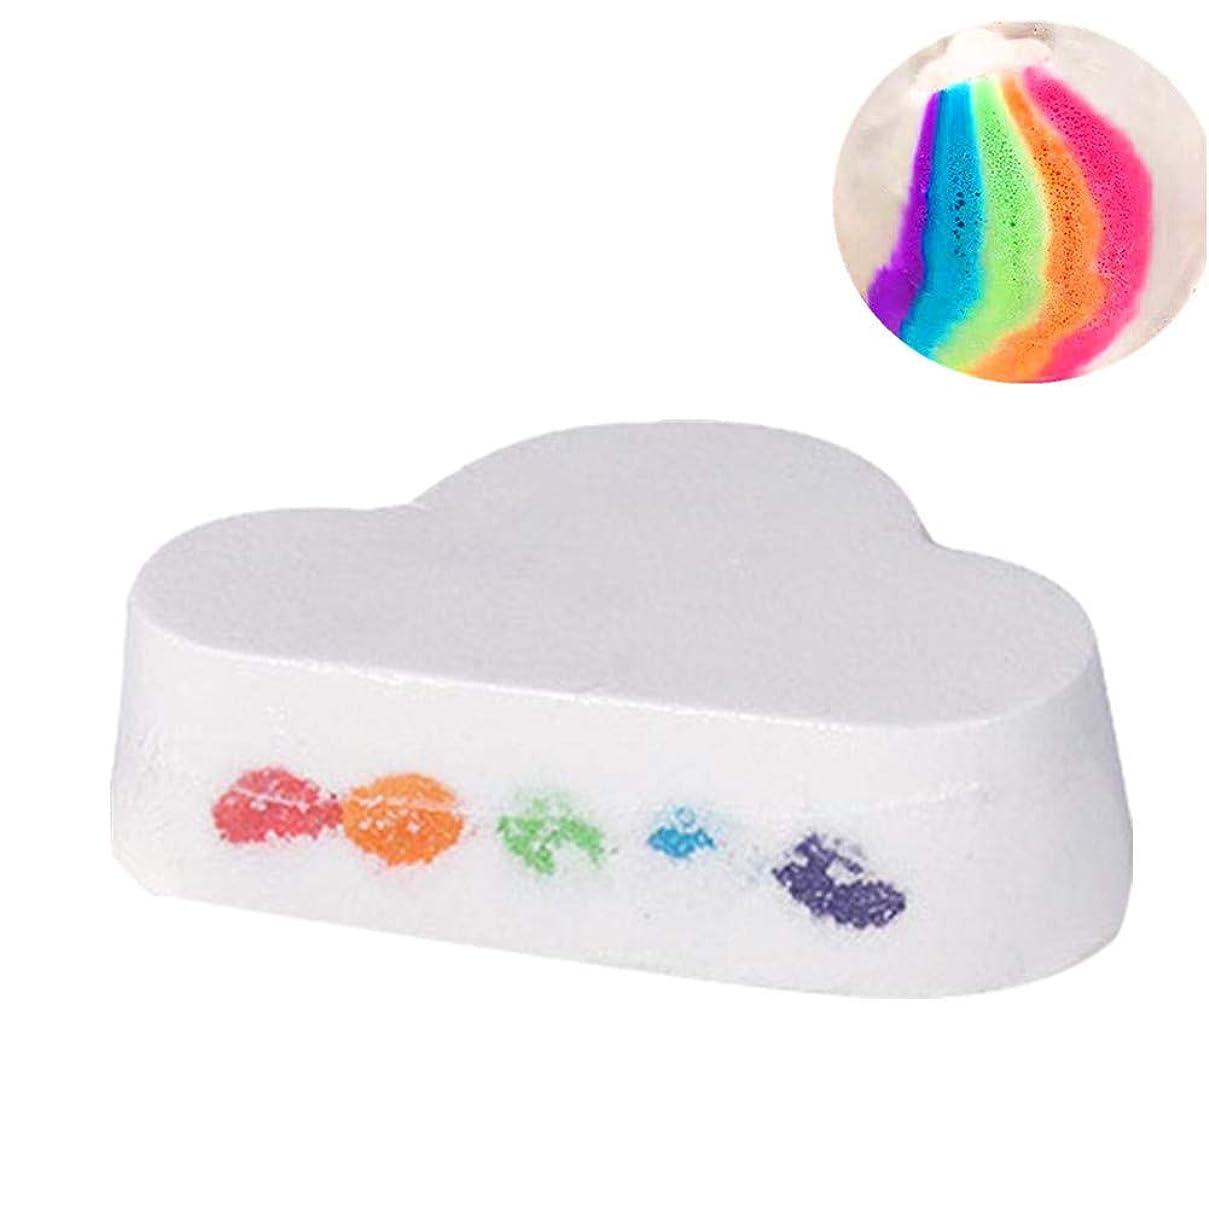 伝導グレード虫レインボー クラウド 入浴ボール 入浴剤 風呂泡の泡立った浮遊物 虹色 女性用保湿スキンギフト